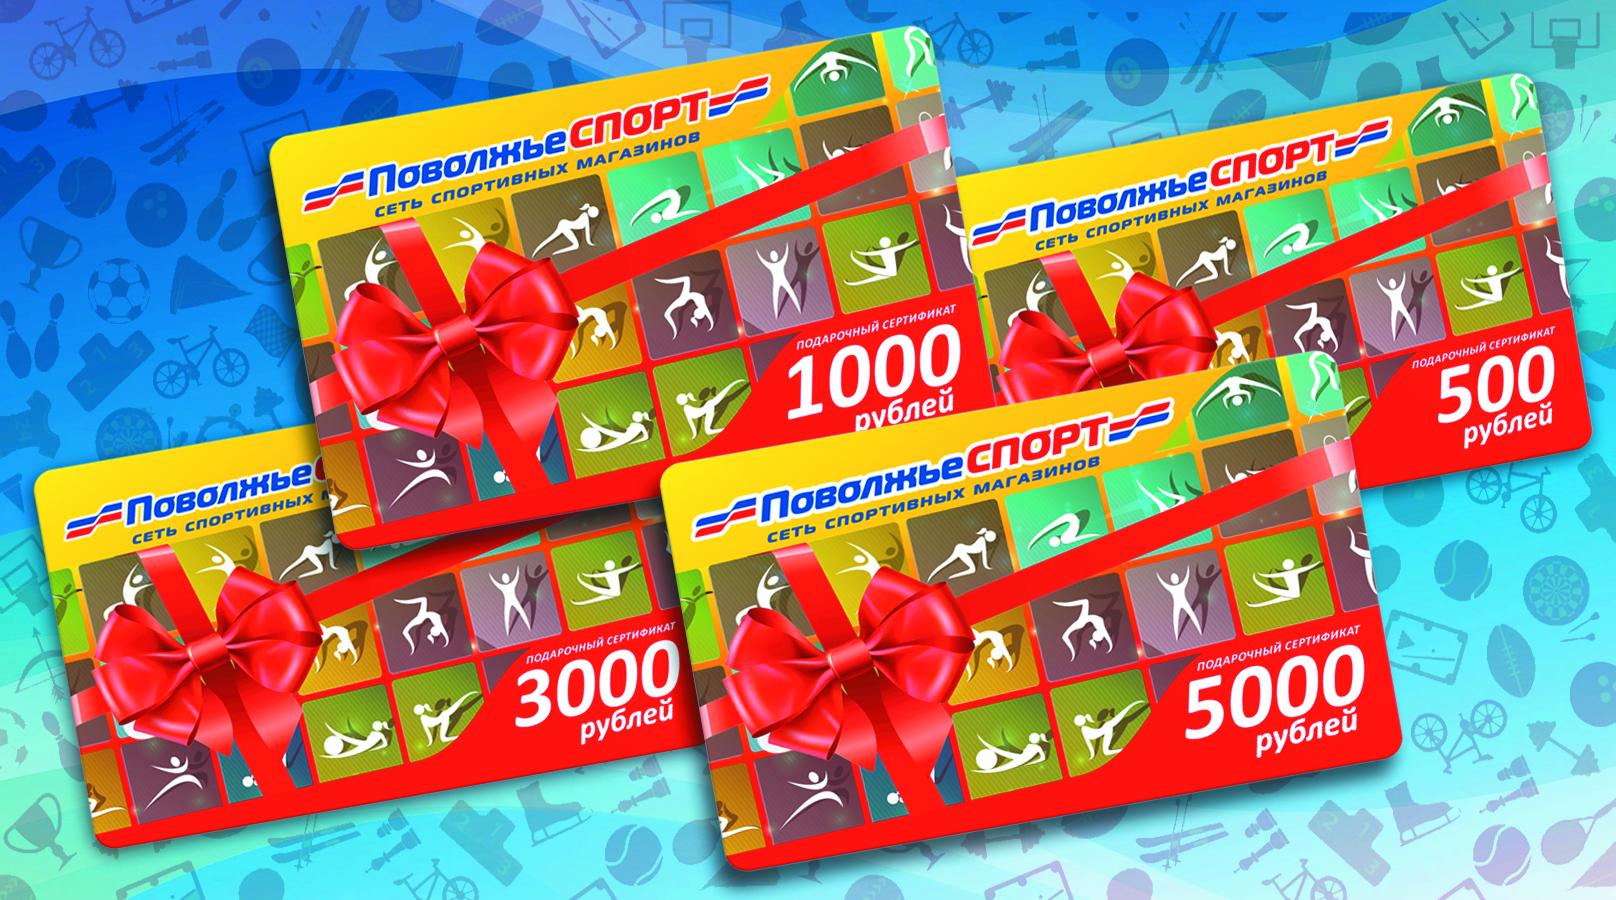 e3d56d5f36cc5 Если вы заботитесь о здоровье ваших близких, подарите подарочный сертификат  в спортивный магазин. Это самый подходящий подарок и для дам, ...